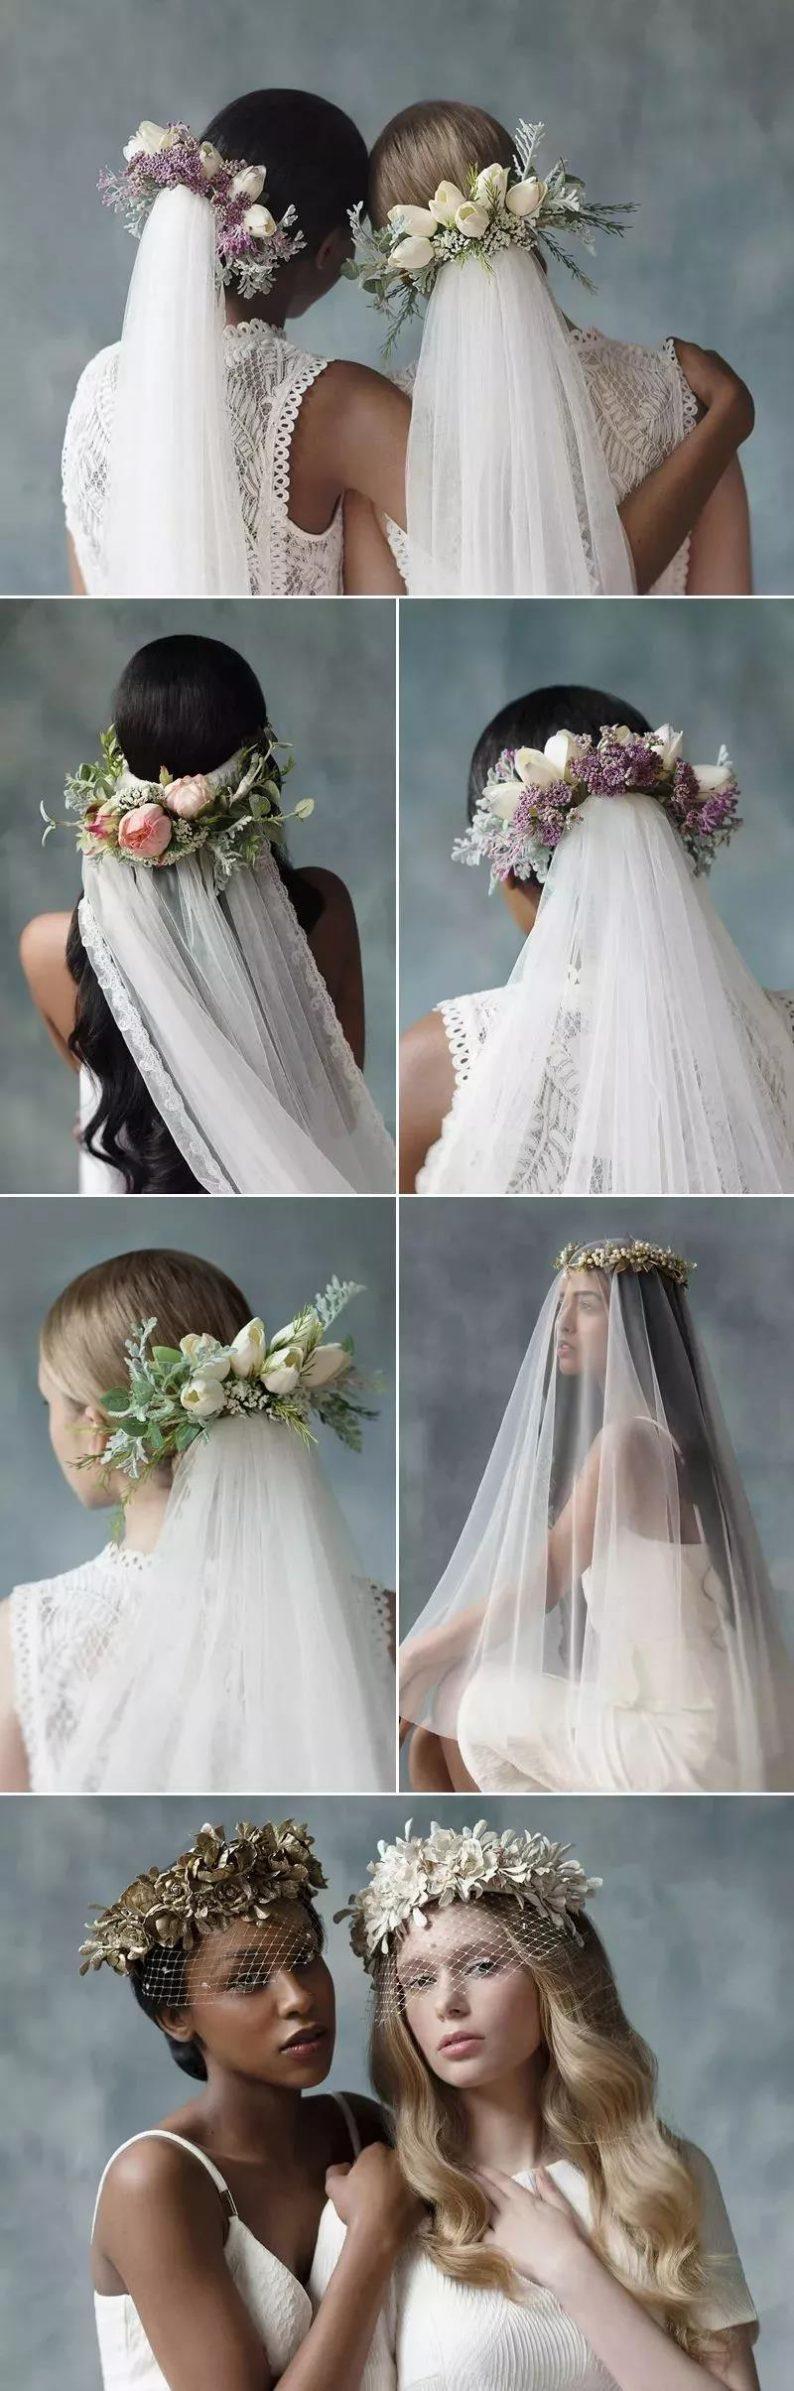 美出画的婚纱头纱,助你惊艳婚礼现场!  第16张